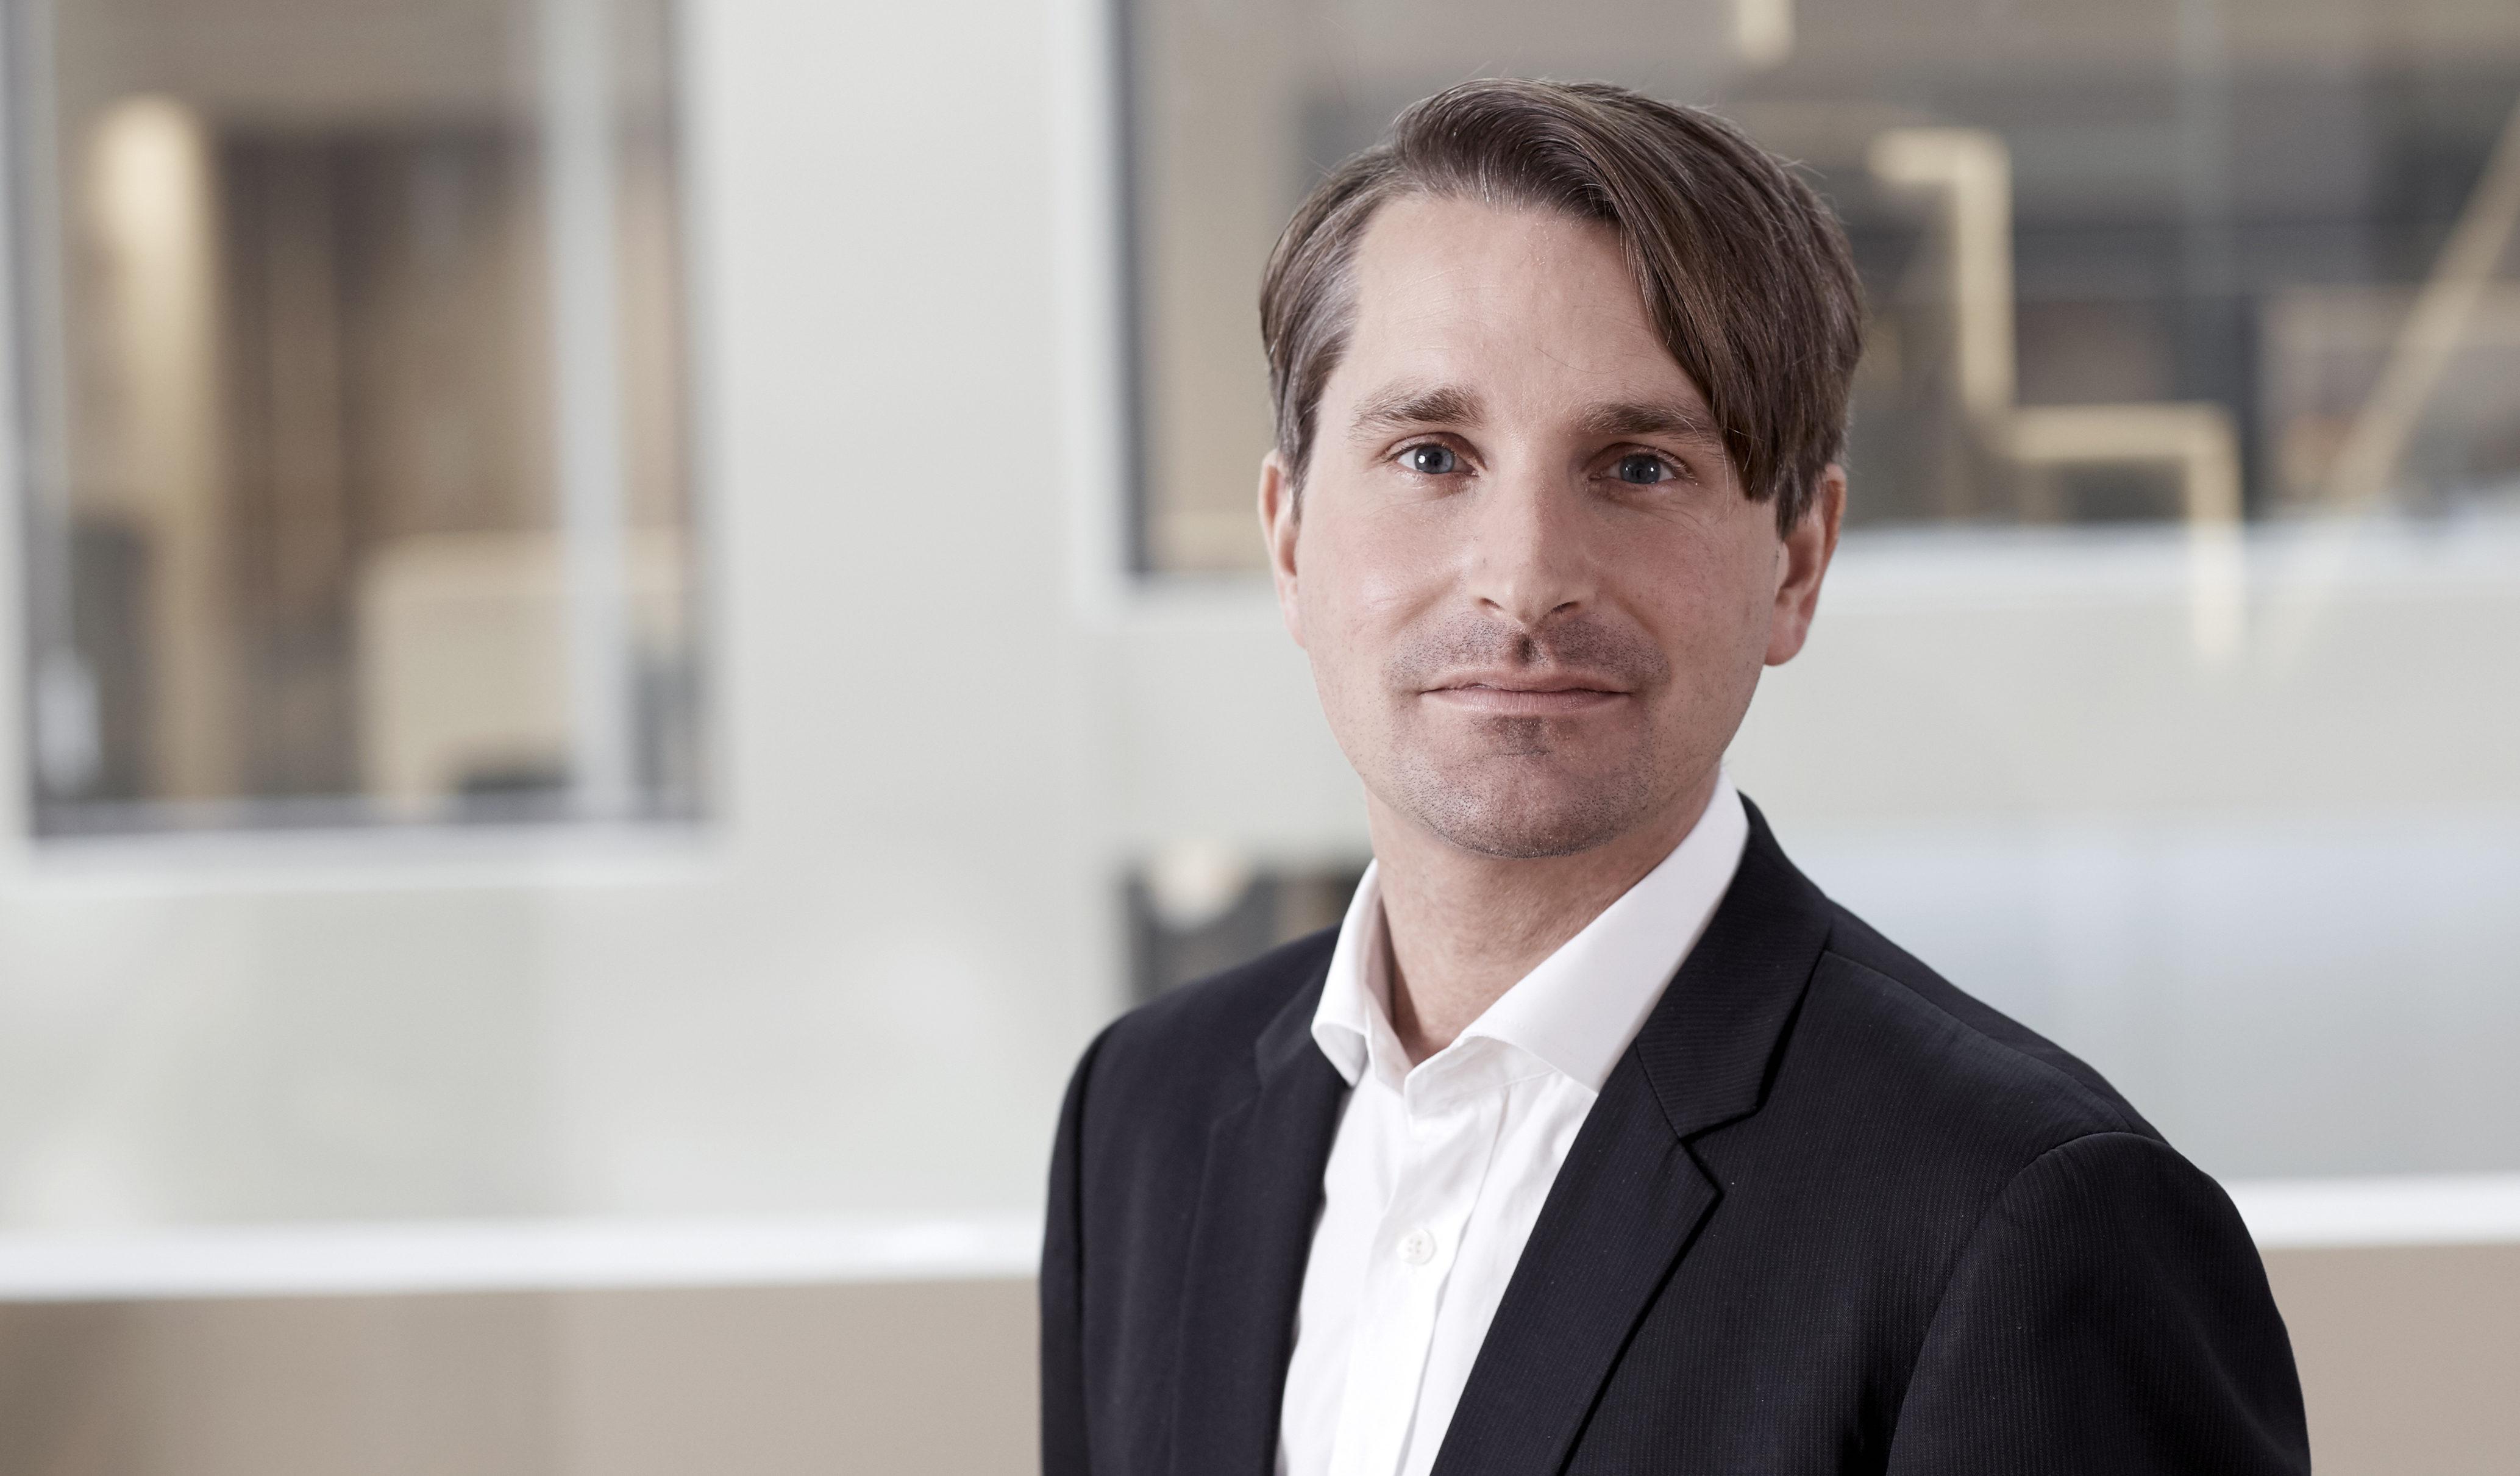 – Det er svært urovekkende at brukerne risikerer å miste kontrollen over denne type opplysninger., sier Finn Myrstad i Forbrukerrådet.